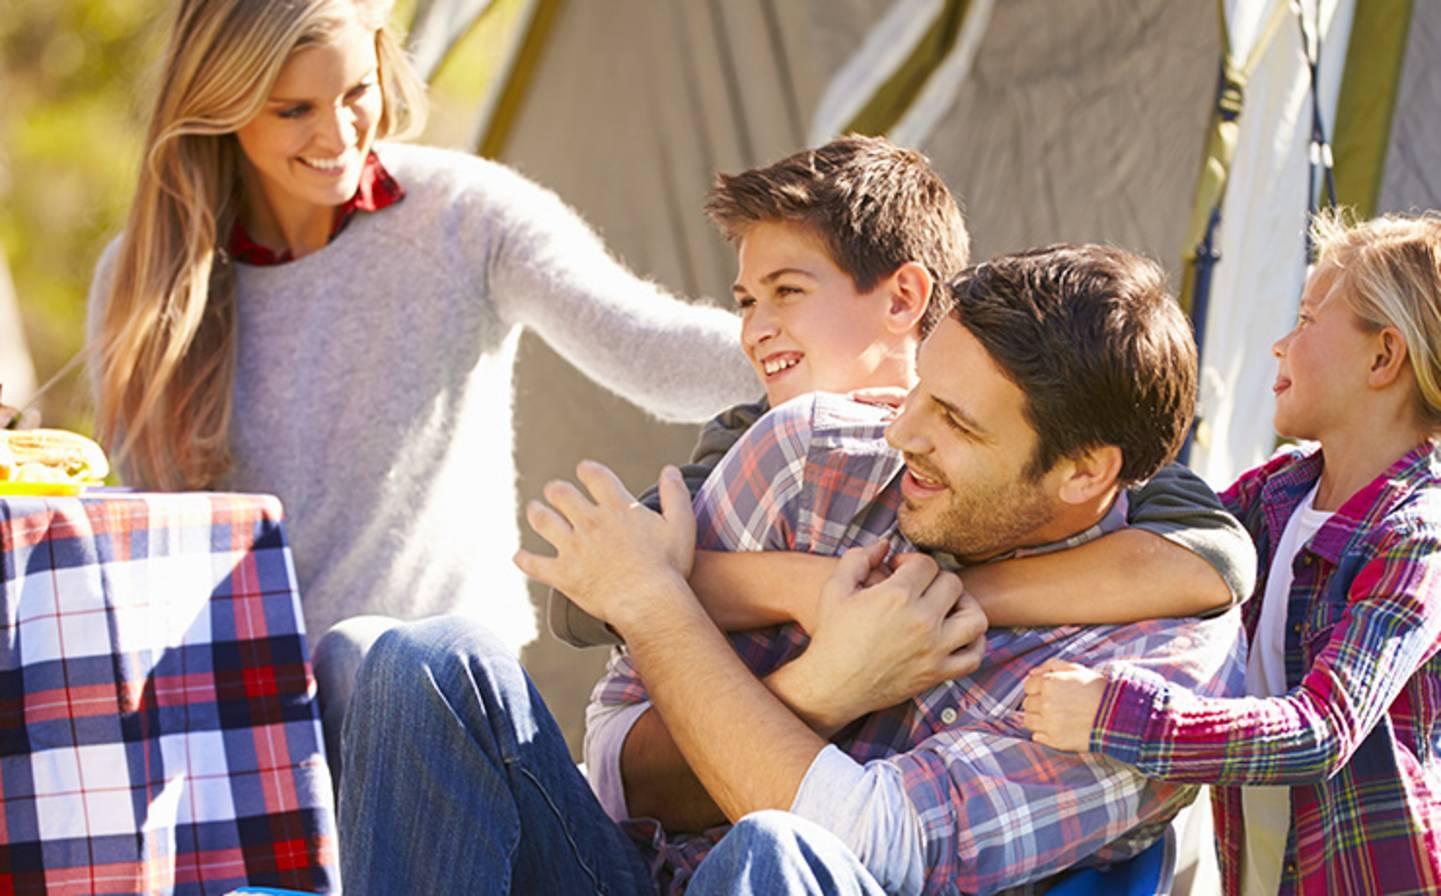 Equipement de camping pour plus de confort au camping avec la caravane